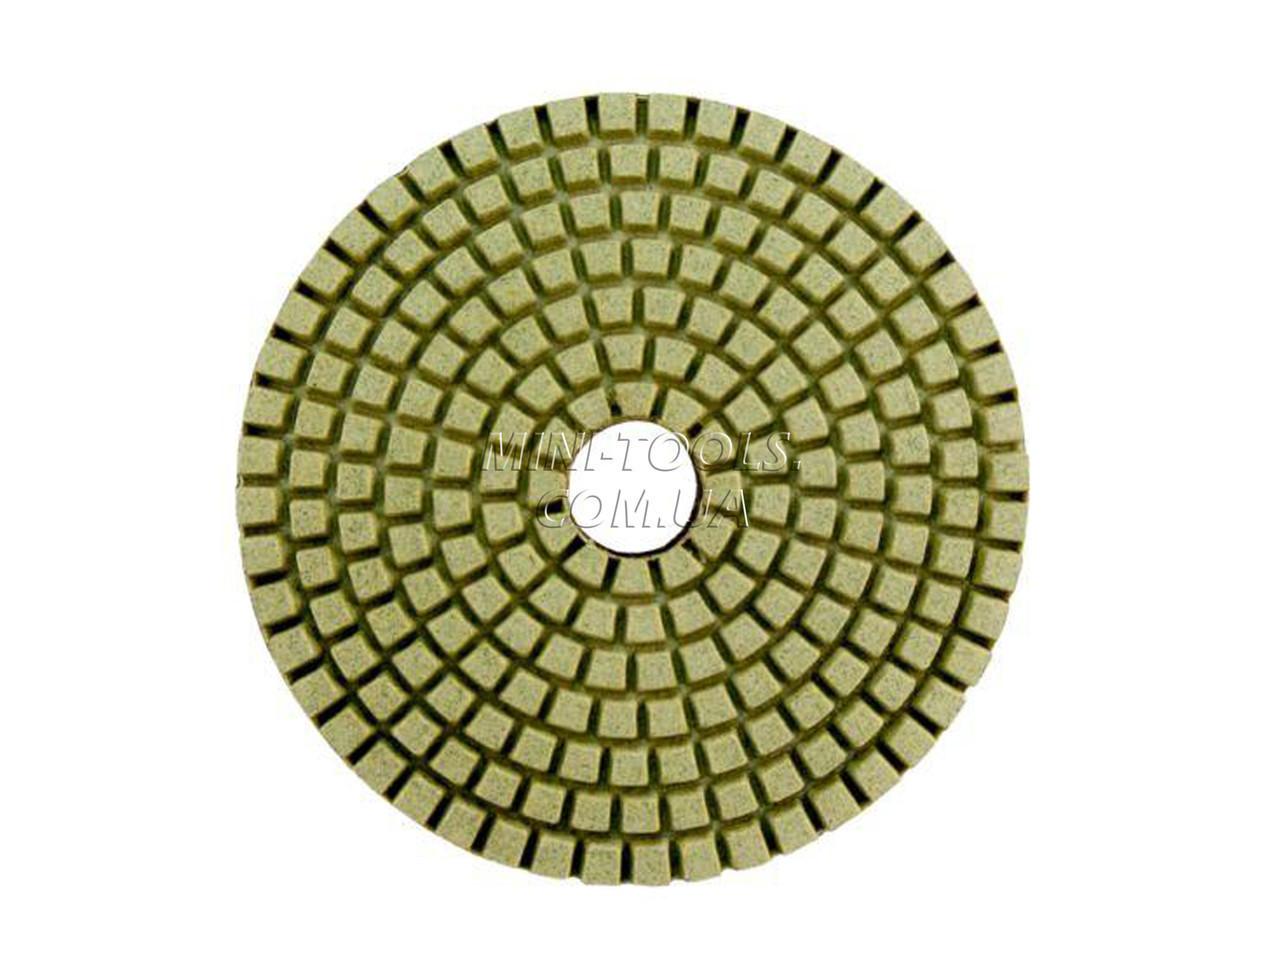 Черепашка D-100мм. зерно #200. Алмазный гибкий шлифовальный круг YDS Tools